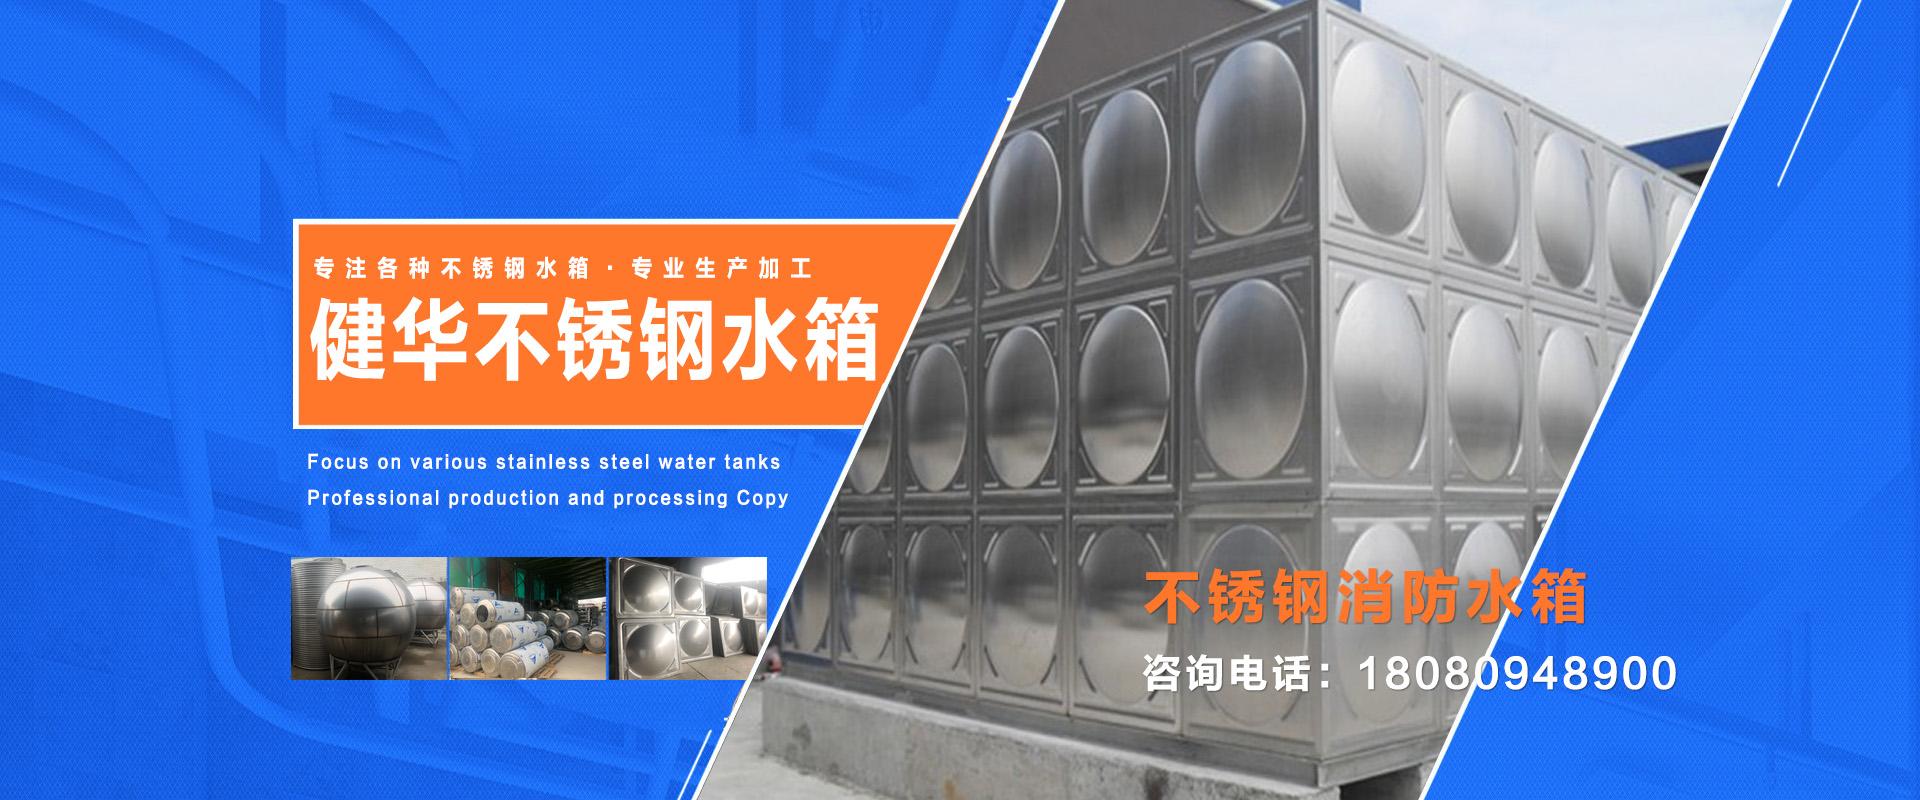 成都水箱厂,不锈钢水箱定做,定制消防水箱